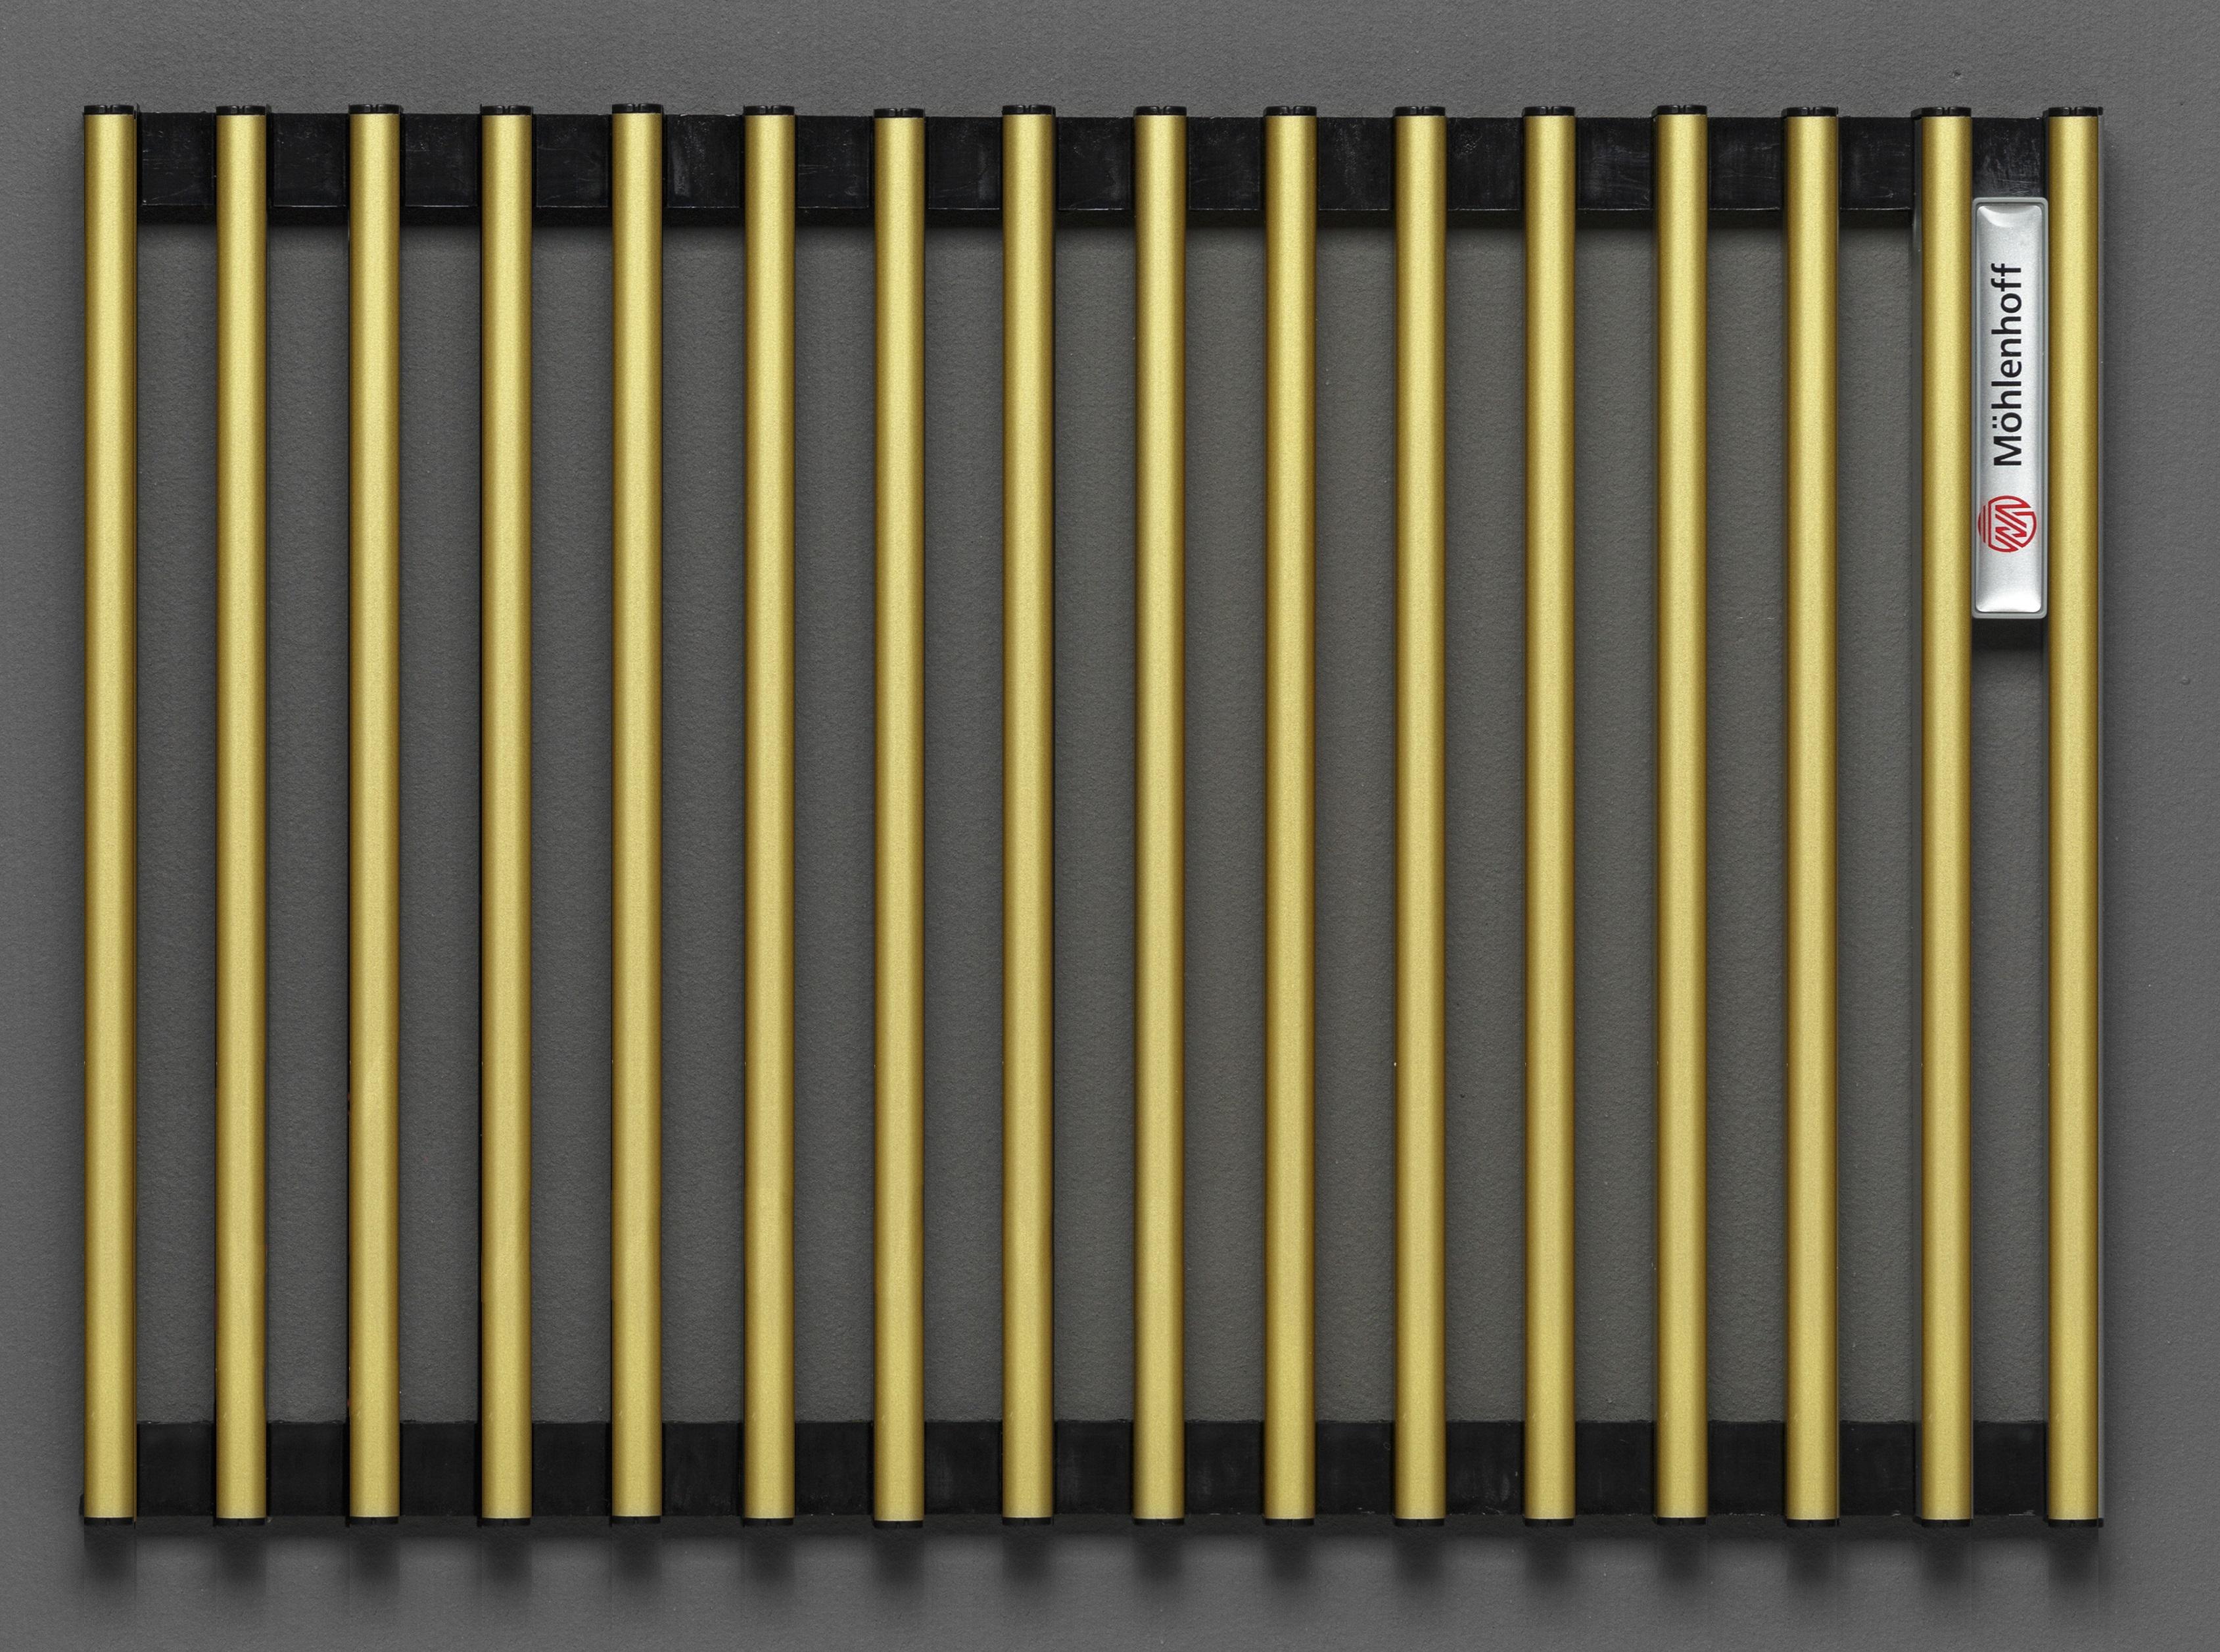 Купить Декоративная решётка Mohlenhoff латунь, шириной 260 мм 1 пог. м, Россия